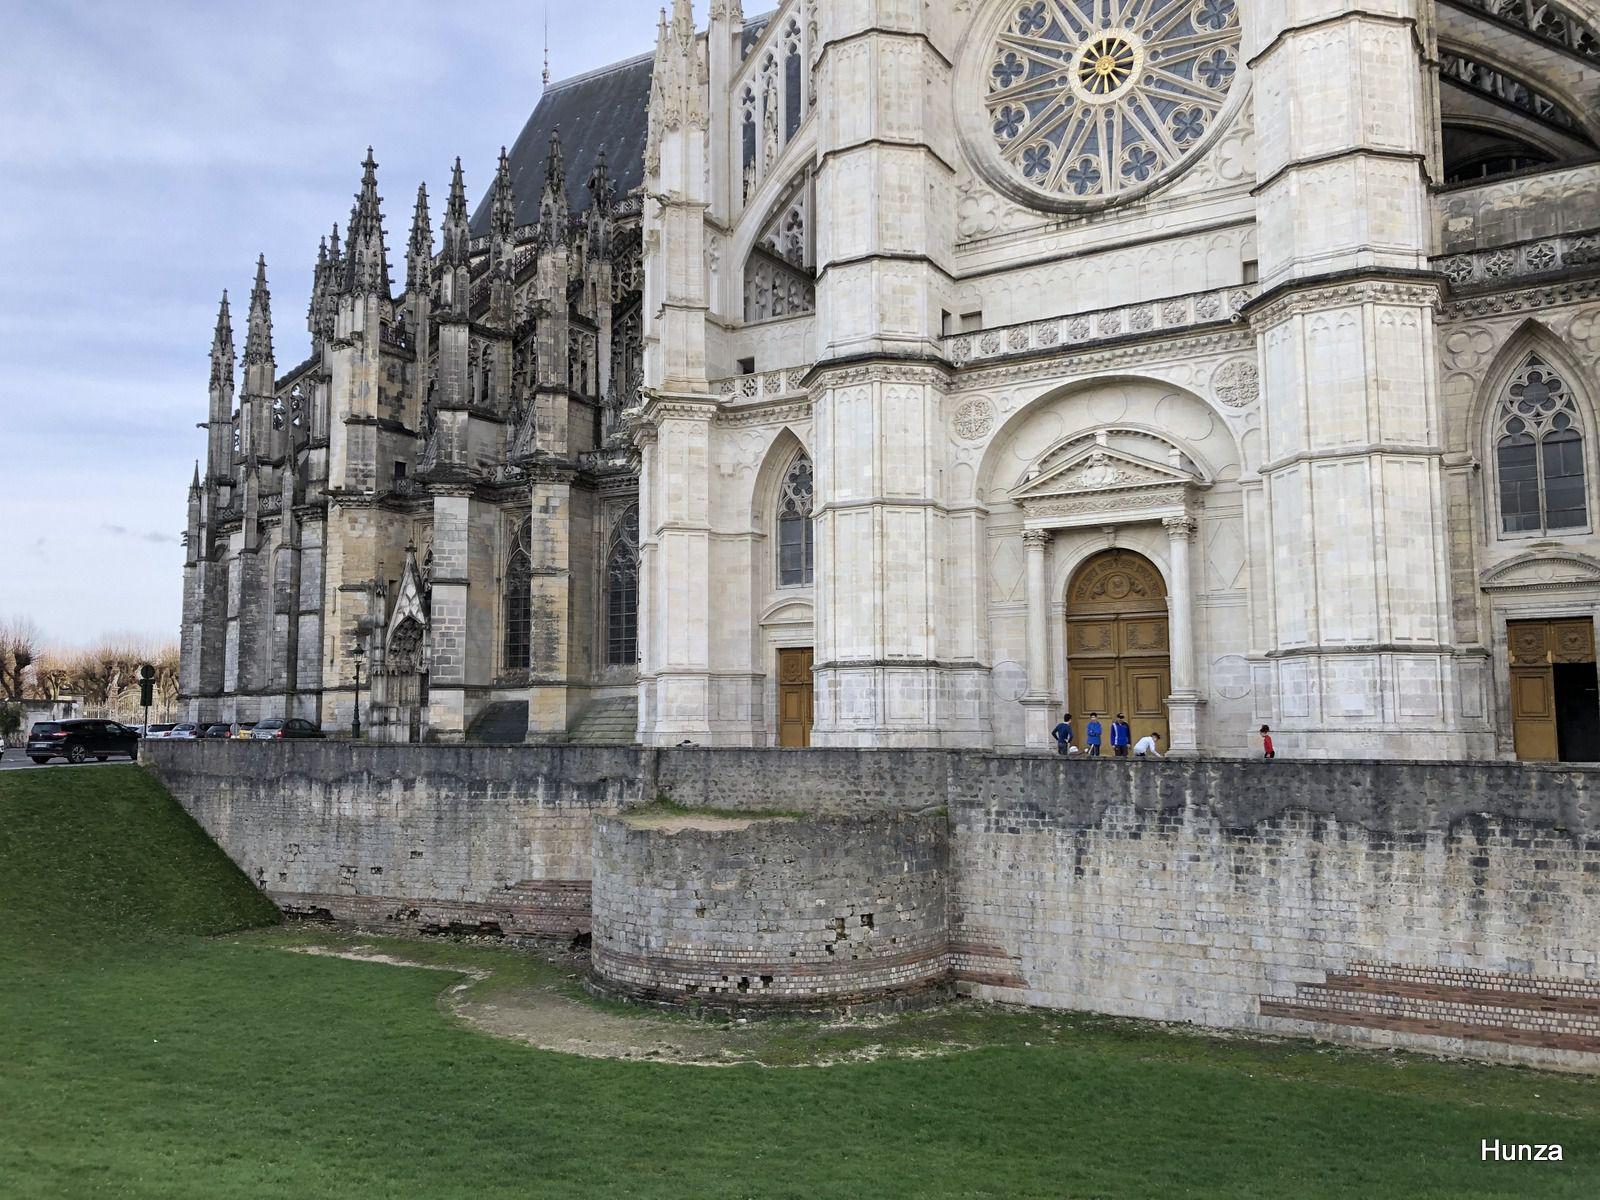 Au pied de la cathédrale, un vestige du rempart gallo-romain datant du 4ème siècle ap JC.